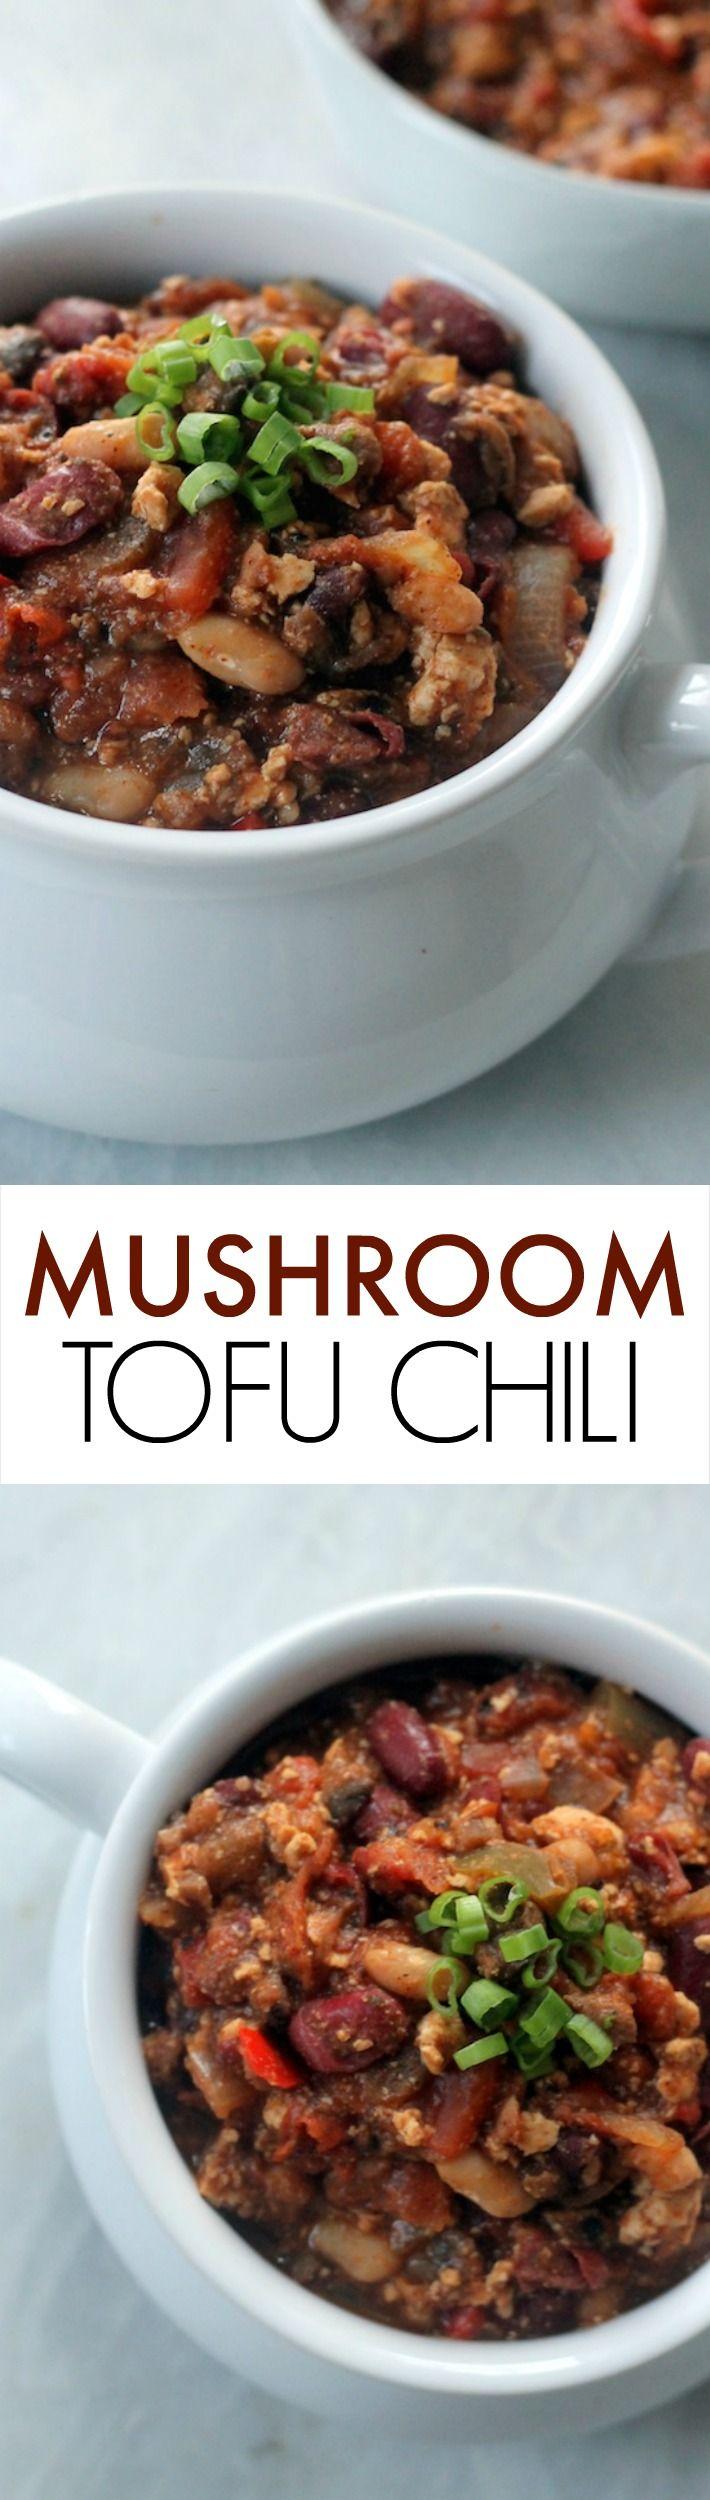 Vegan Mushroom Tofu Chili